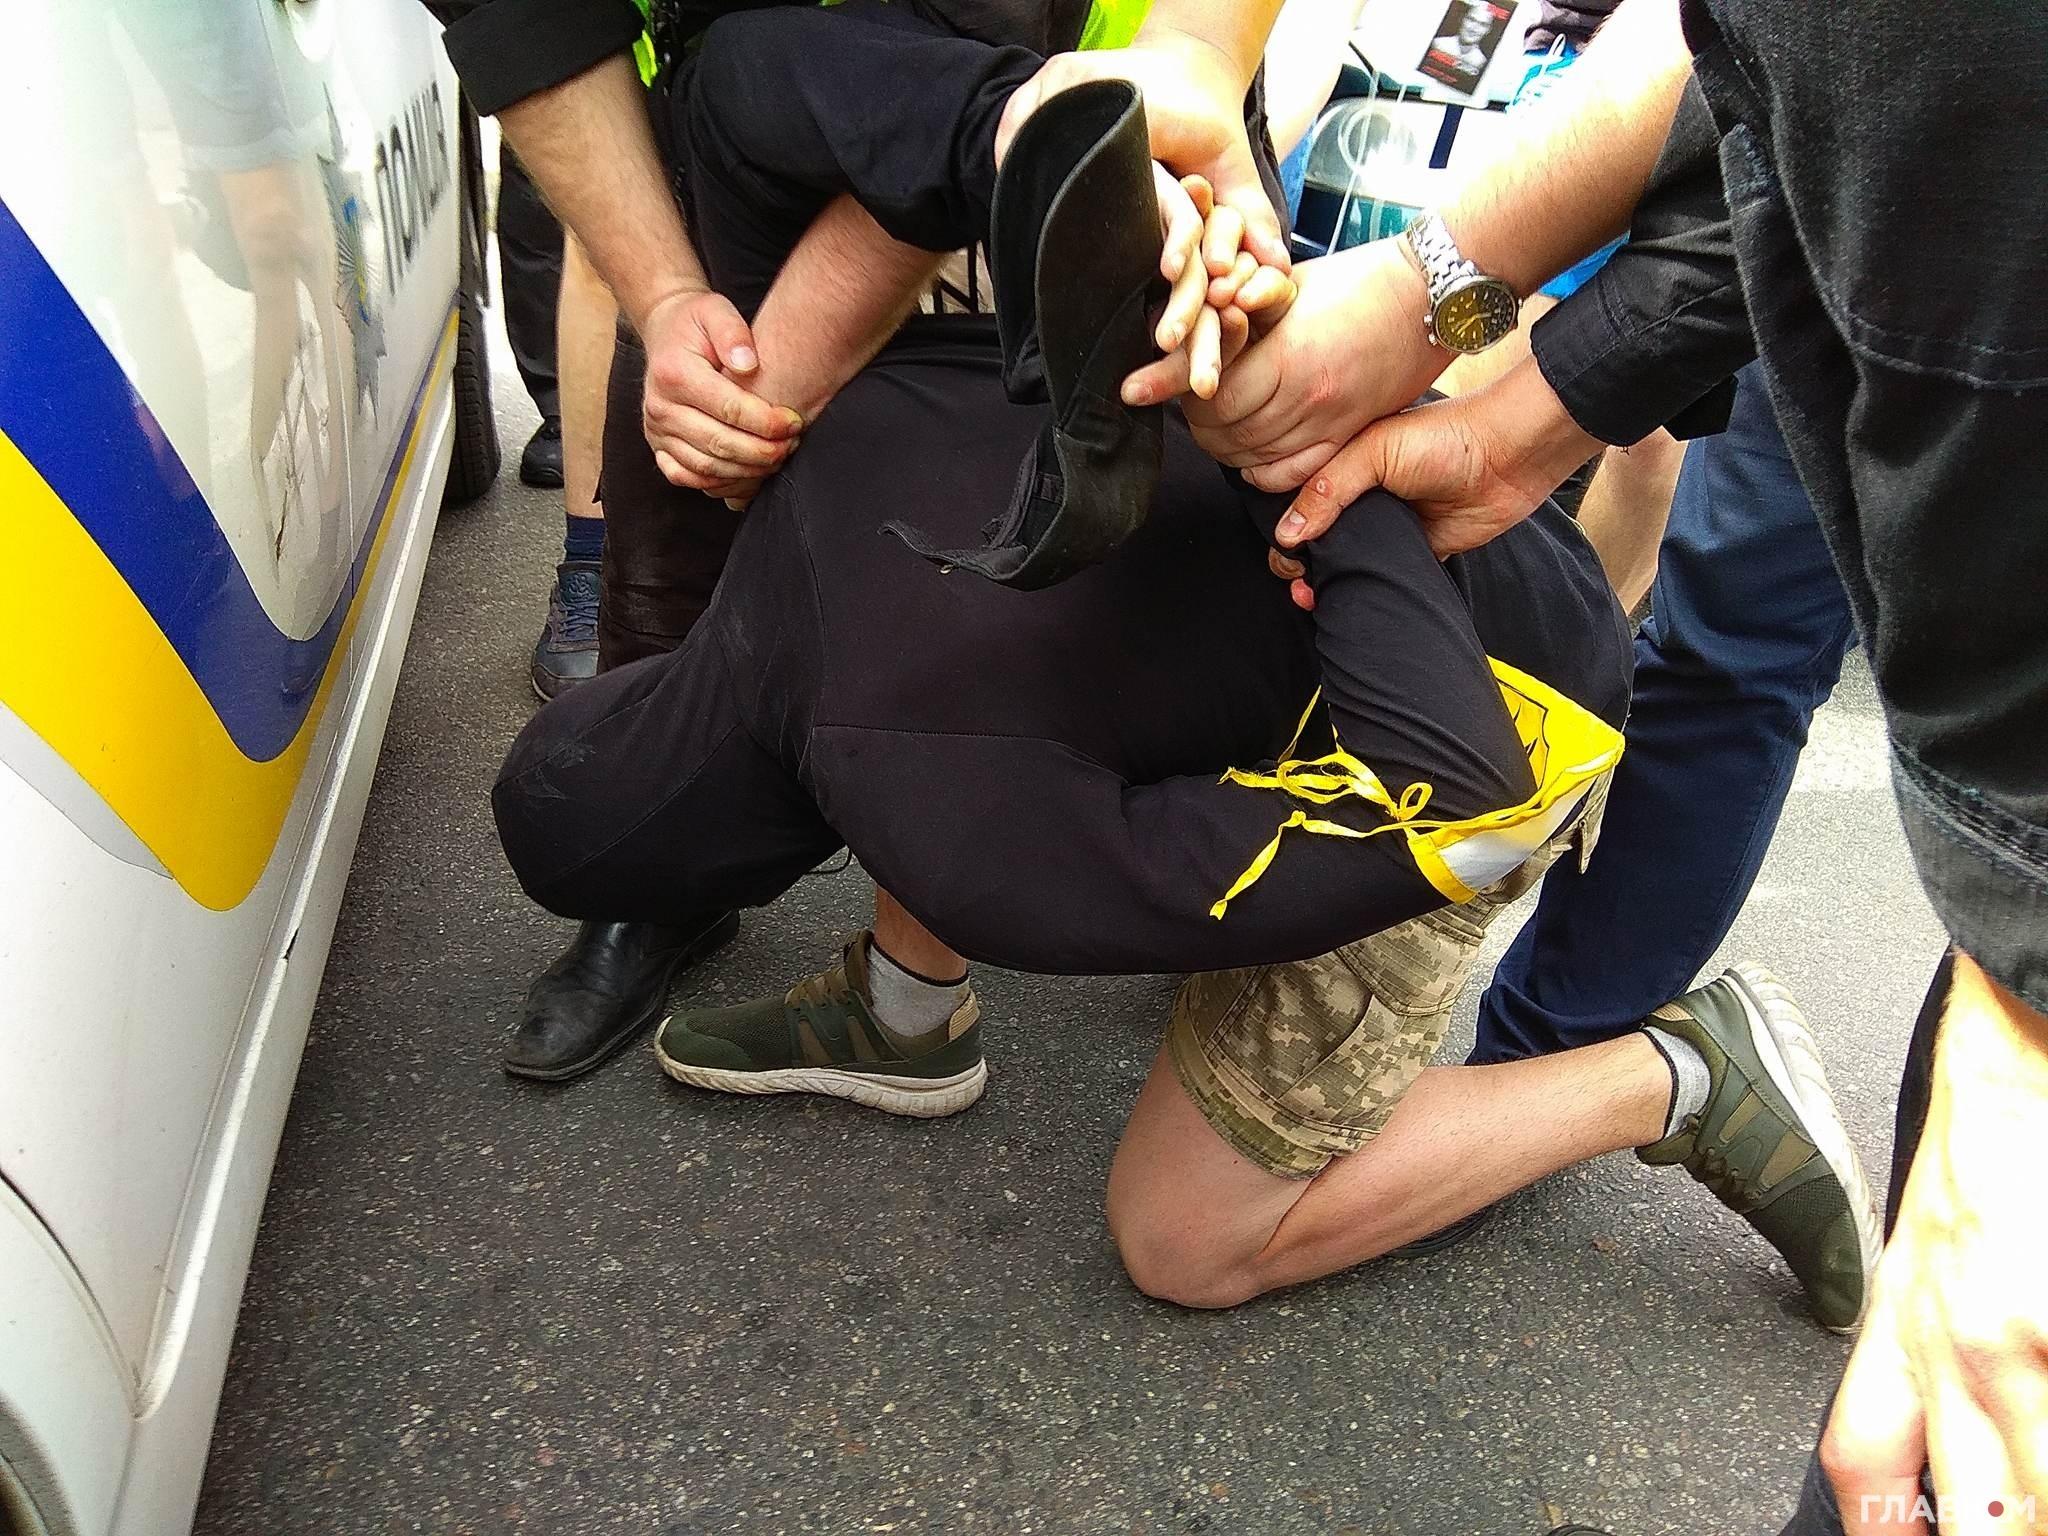 У Києві через заборонену символіку затримали чотирьох людей